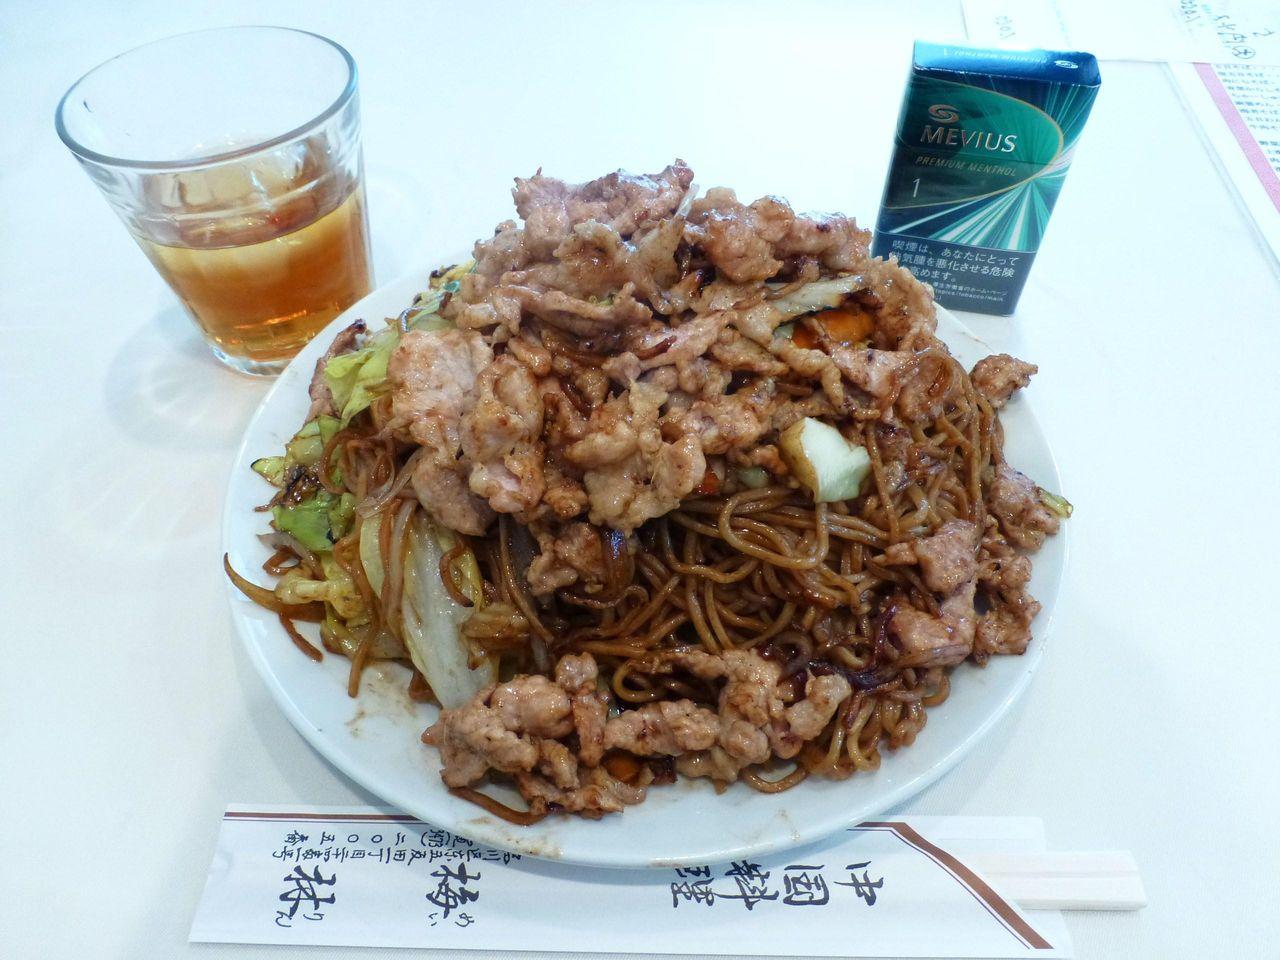 肉ソース焼きそば大盛1,050円